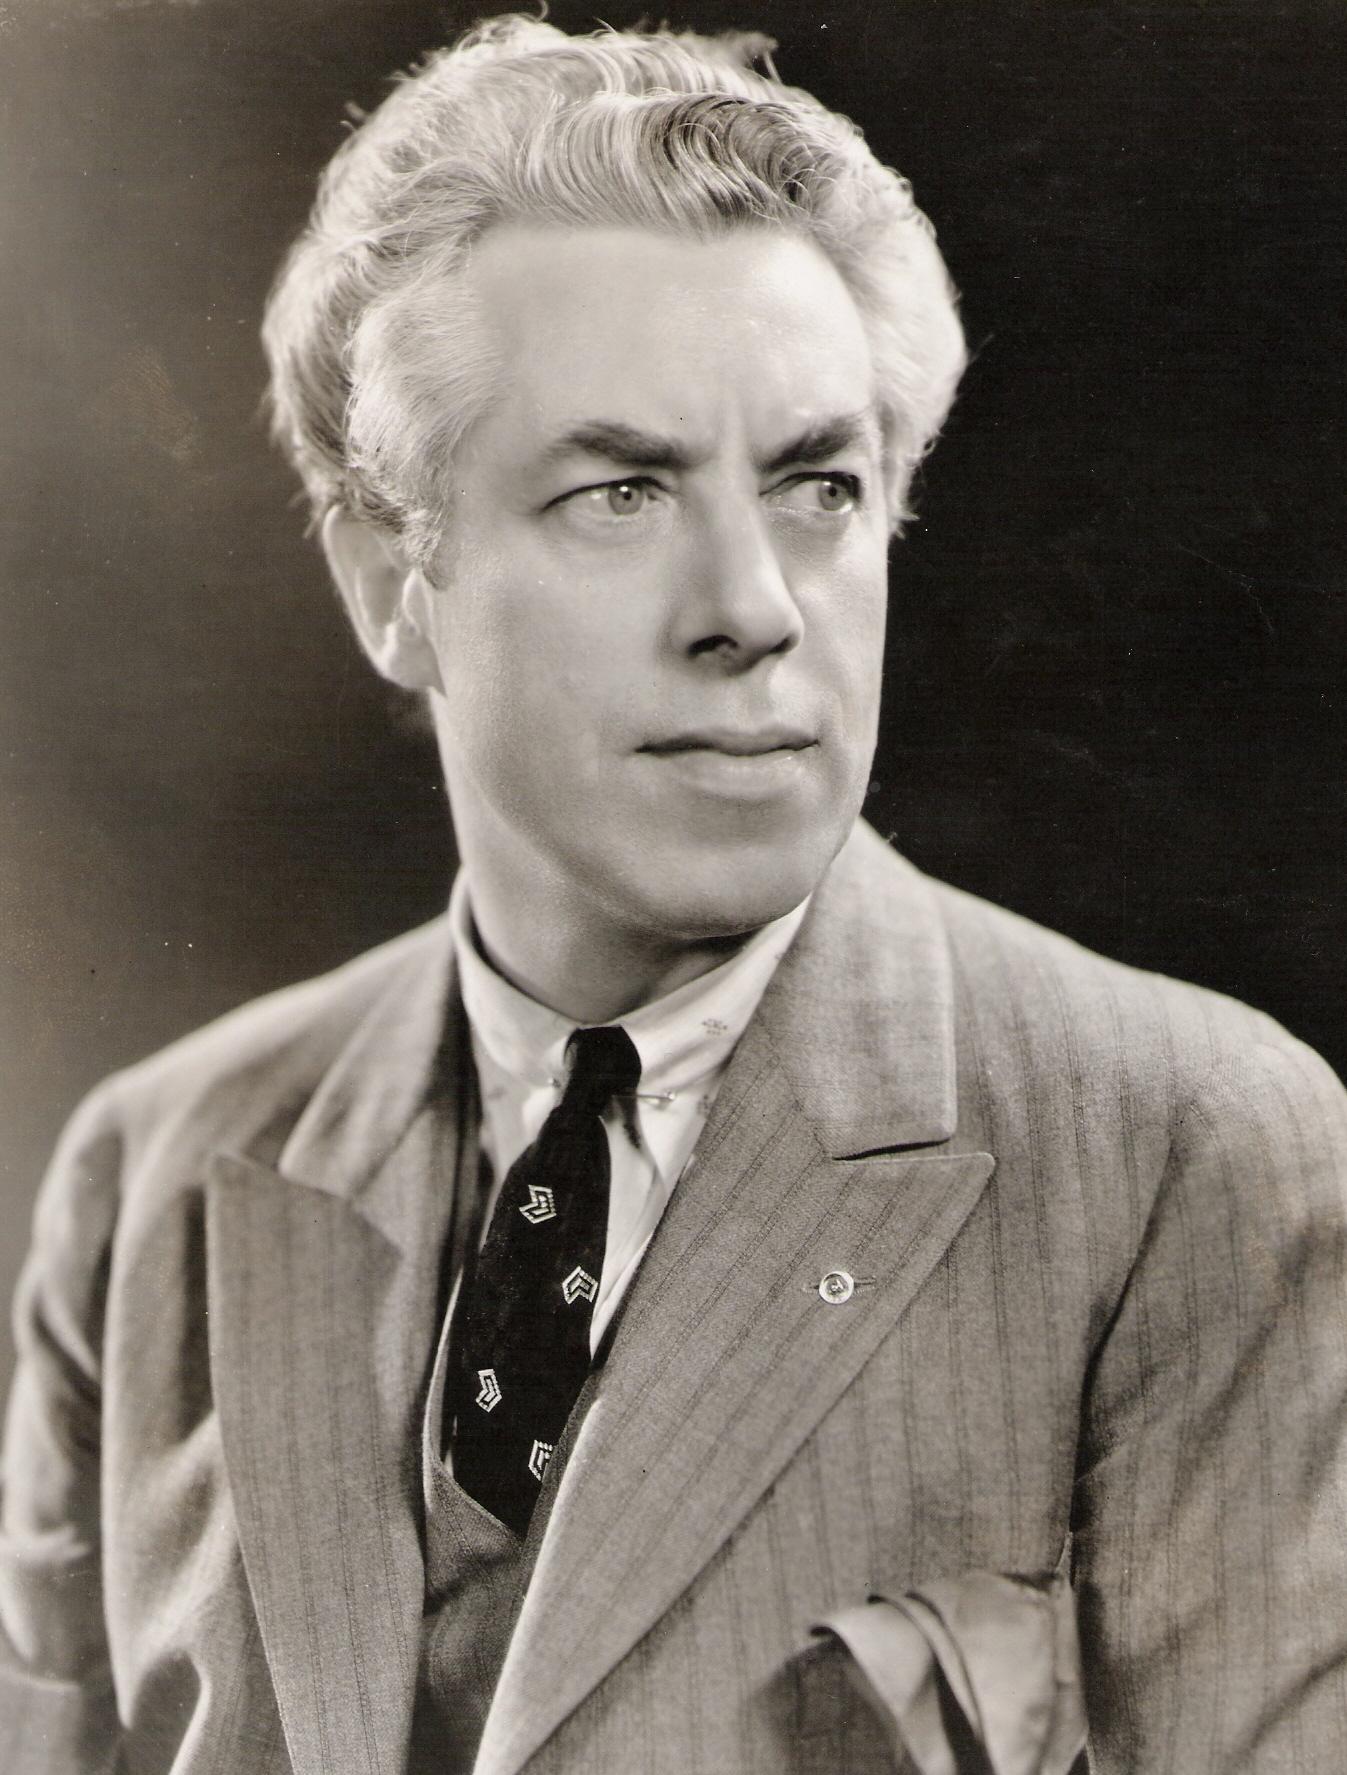 George Westmore